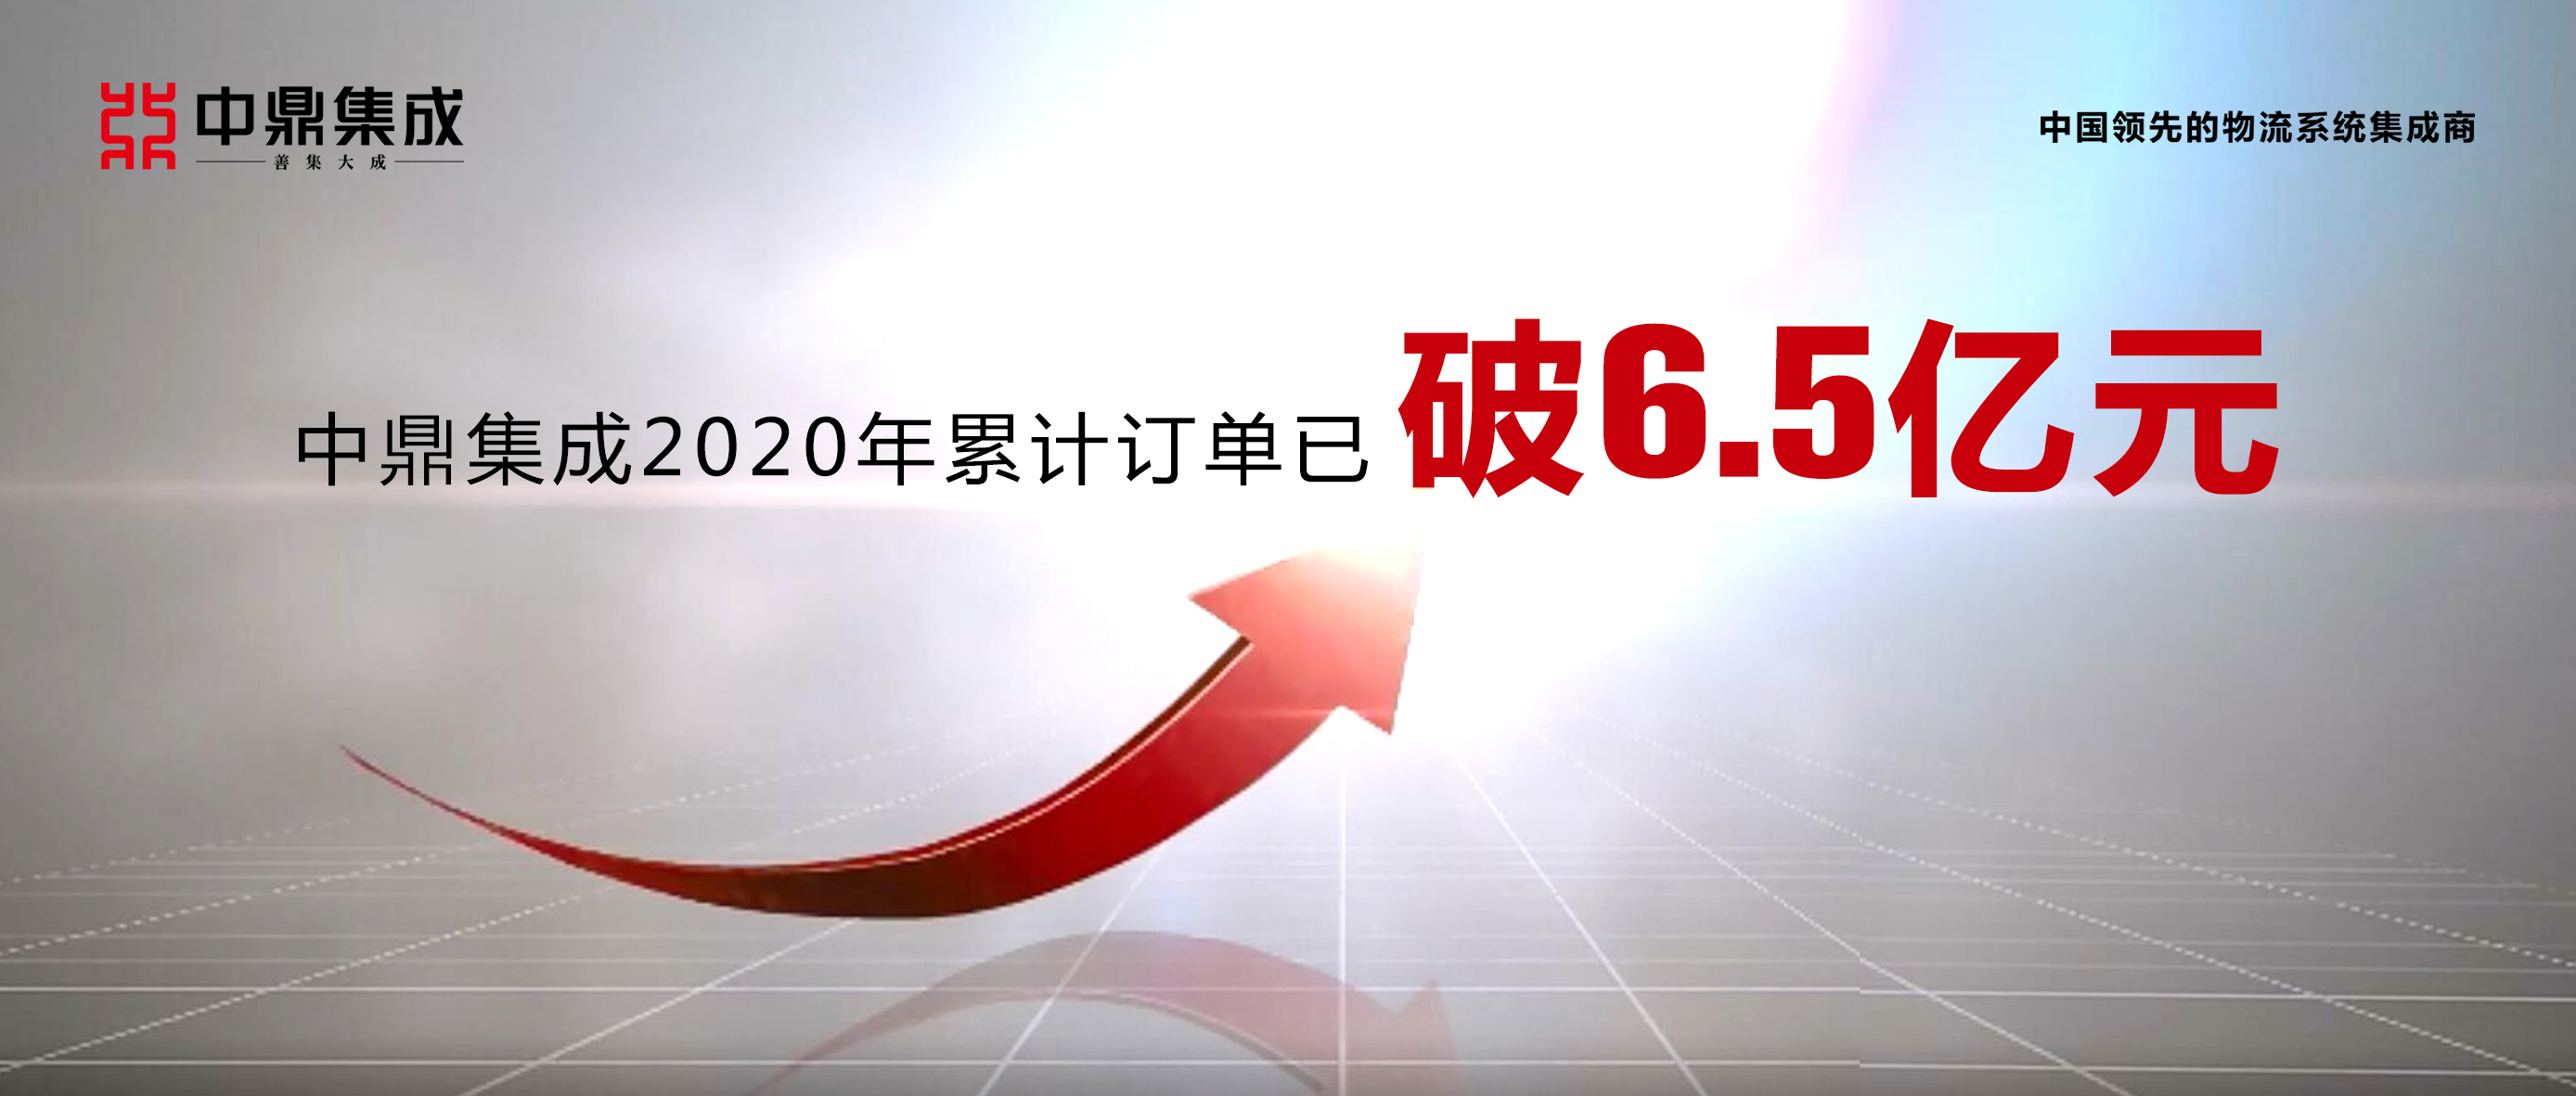 中鼎集成频频斩获大额订单 2020年订单已破6.5亿元